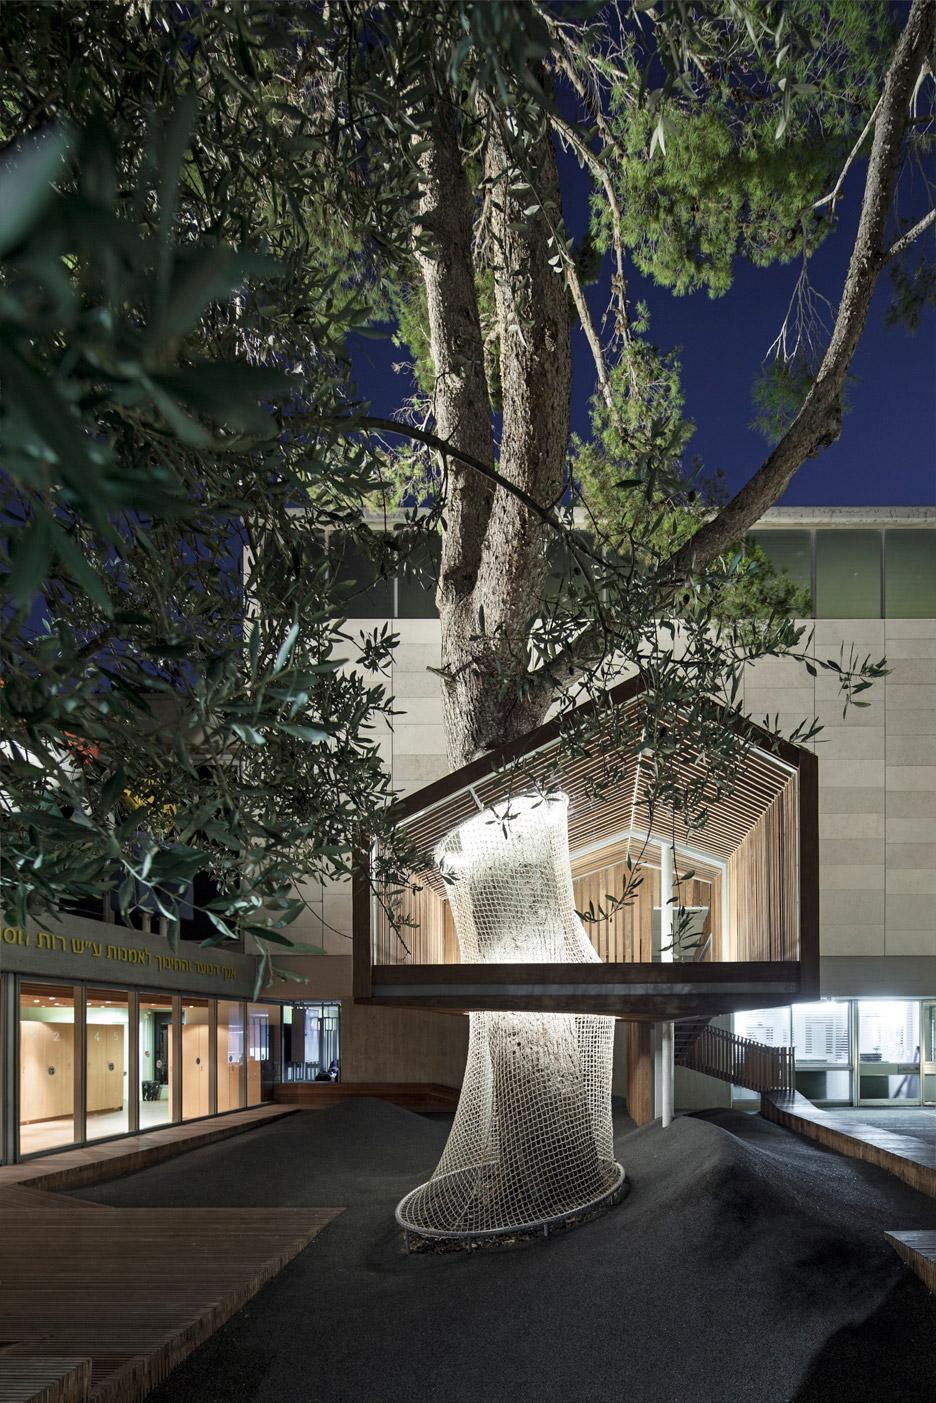 La casa sull 39 albero nel cortile del museo di israele for Architecture and design tree house